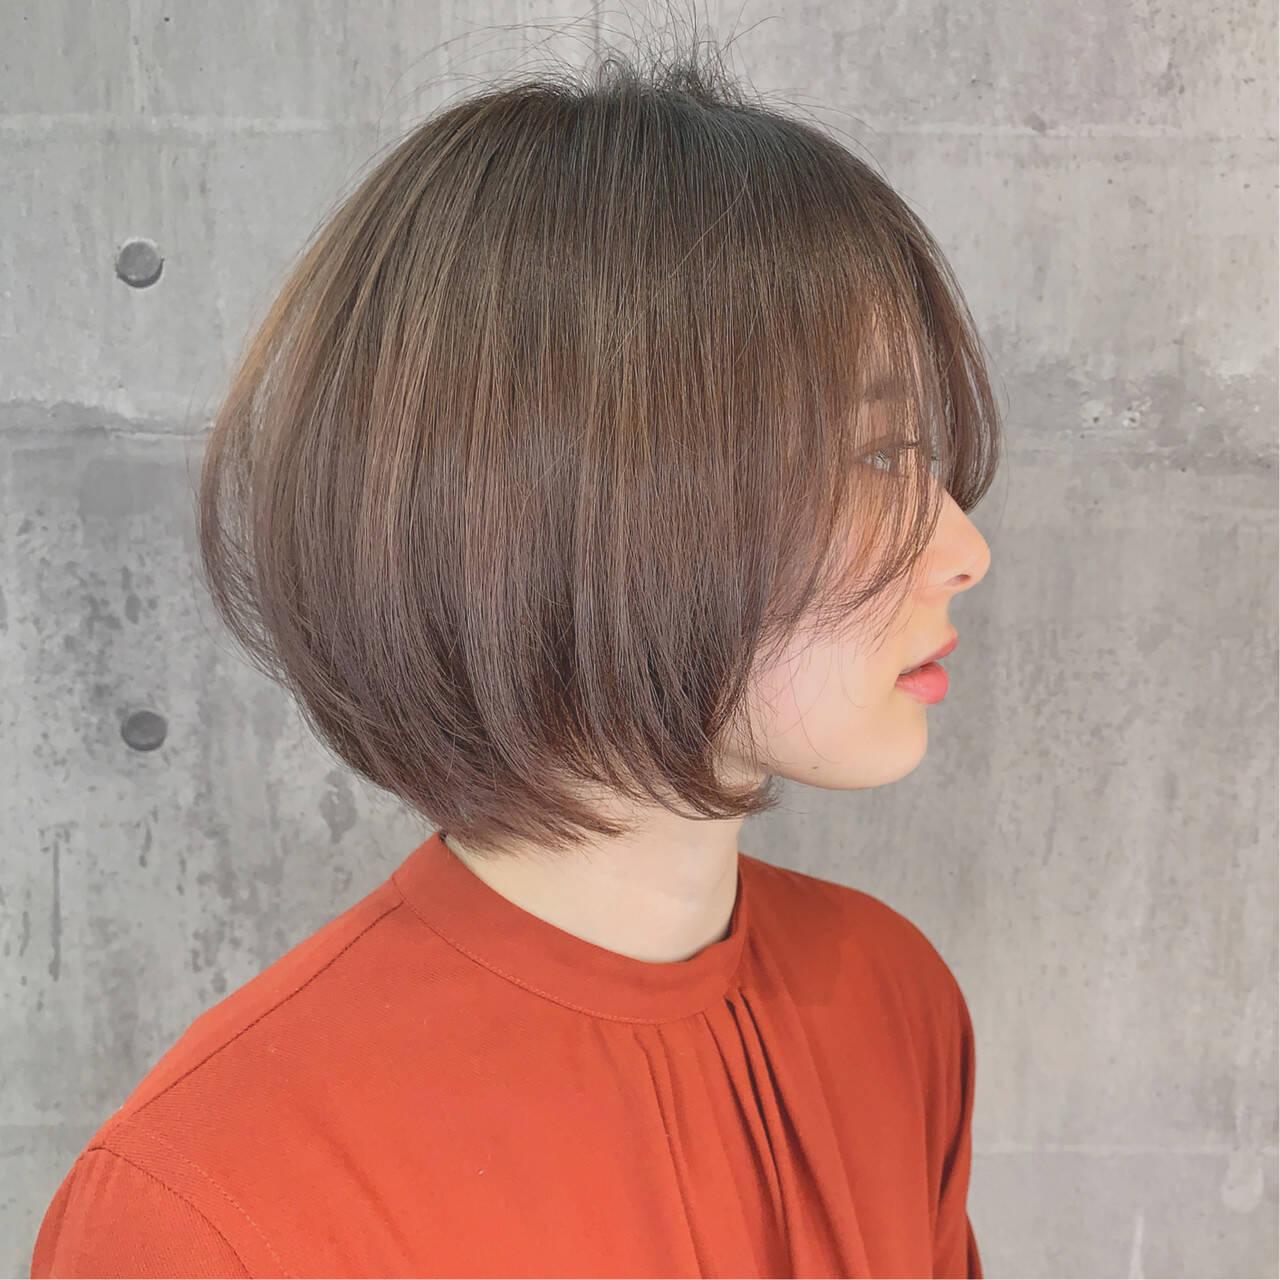 ナチュラル ショートボブ ヘアカラー 小顔ショートヘアスタイルや髪型の写真・画像